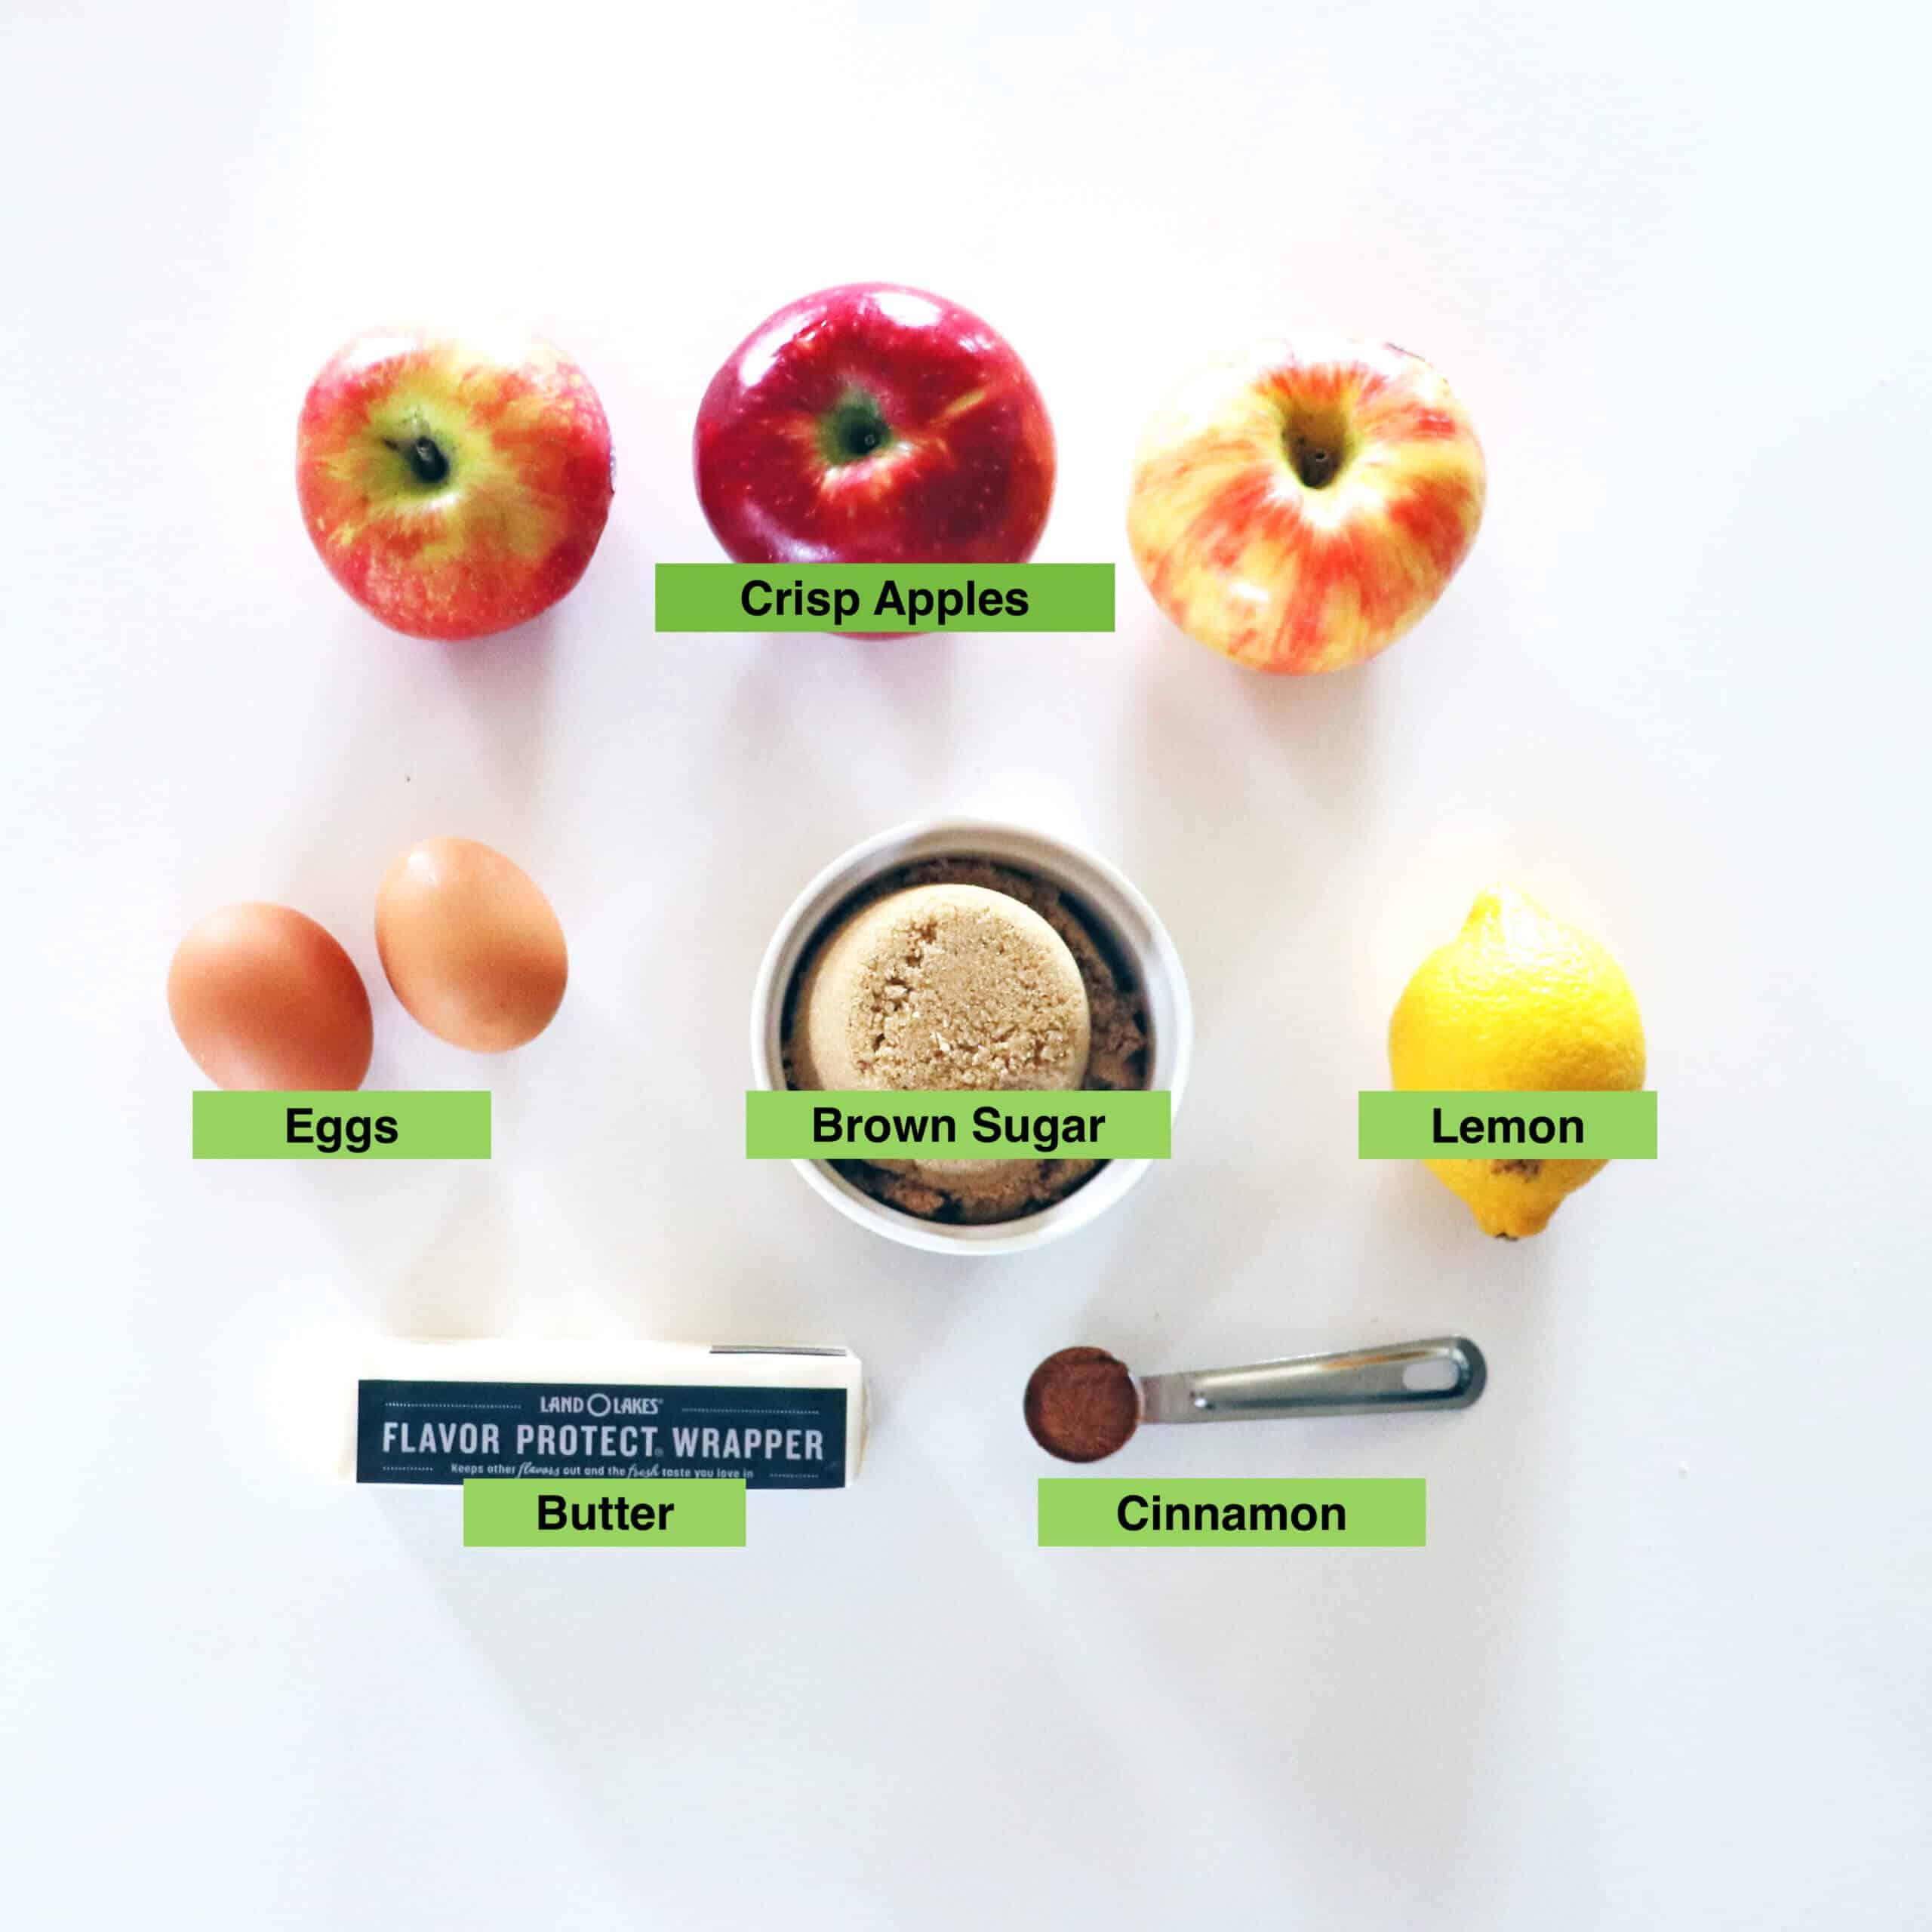 Apple Curd Ingredients (apples, eggs, brown sugar, lemon, butter, and cinnamon)